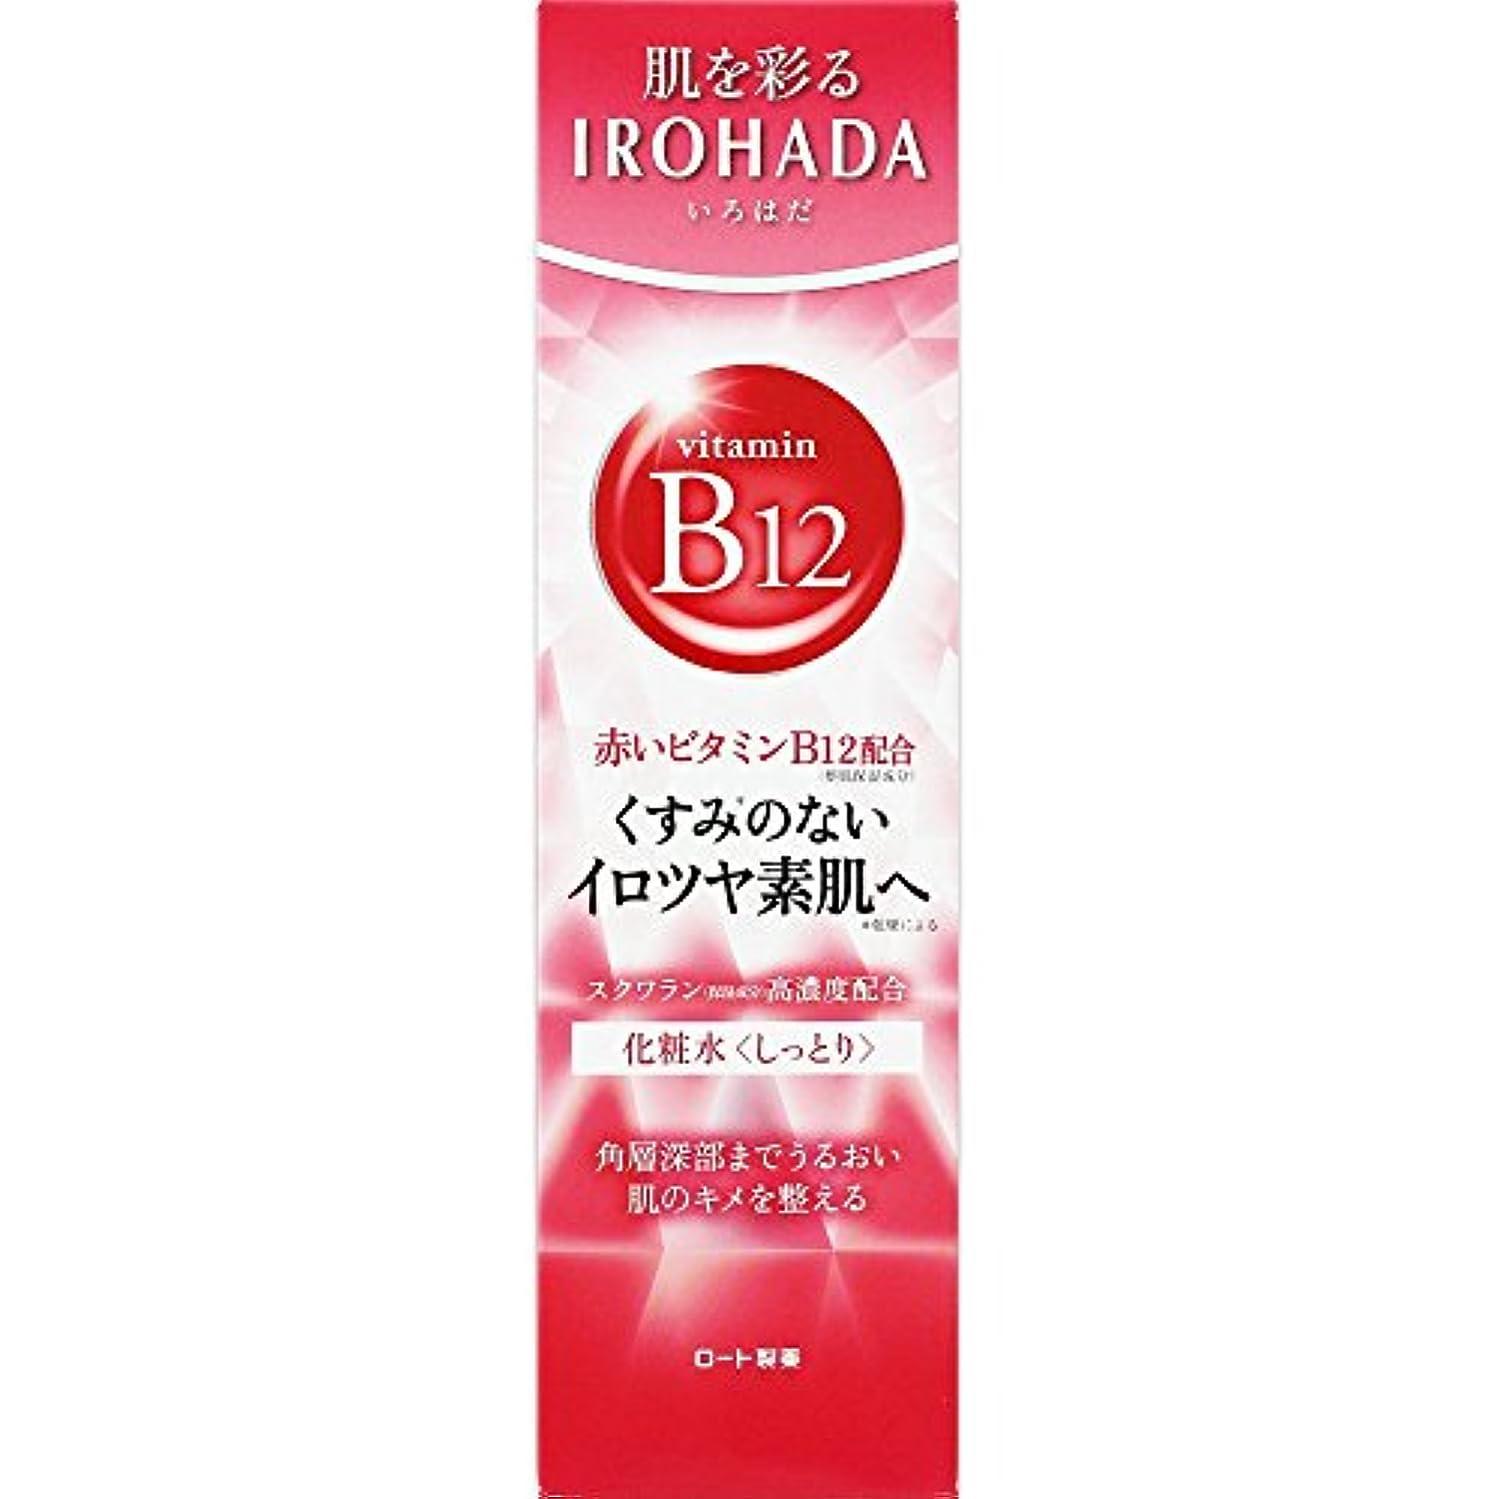 ナイロン尊敬パキスタン人ロート製薬 いろはだ (IROHADA) 赤いビタミンB12×スクワラン配合 化粧水しっとり 160ml